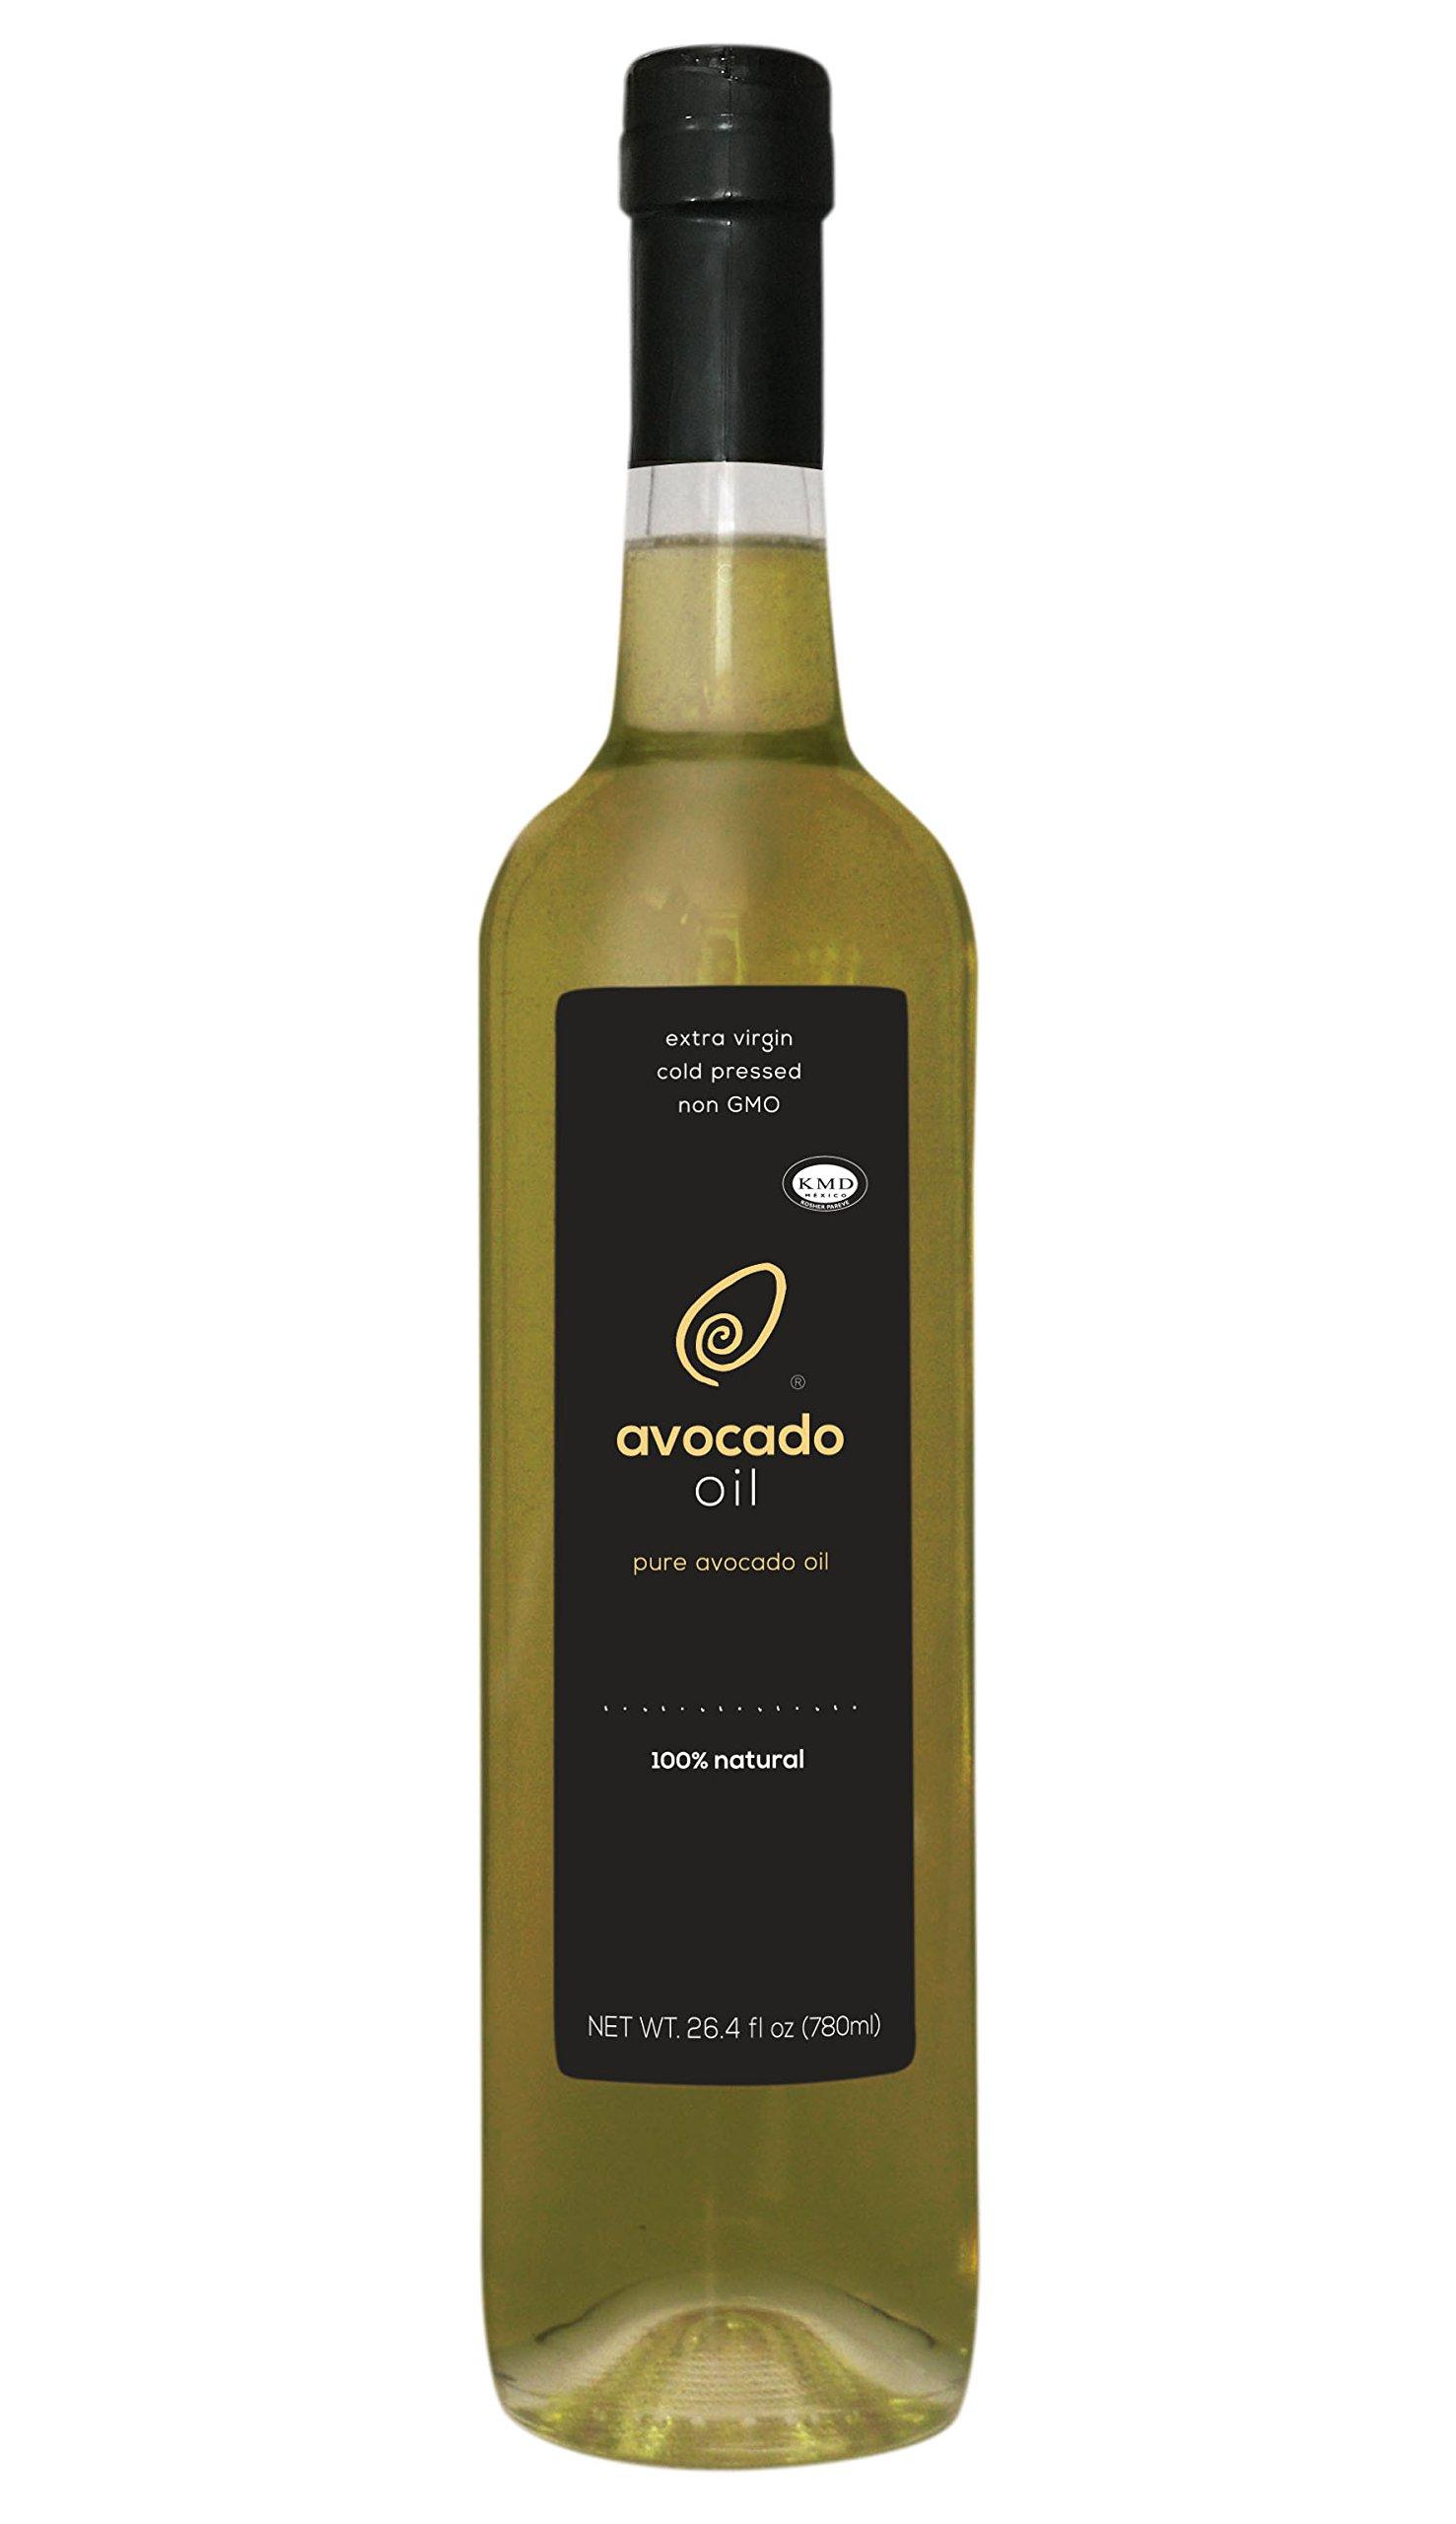 Pure Avocado Oil, 100 % Natural, 26 fl oz